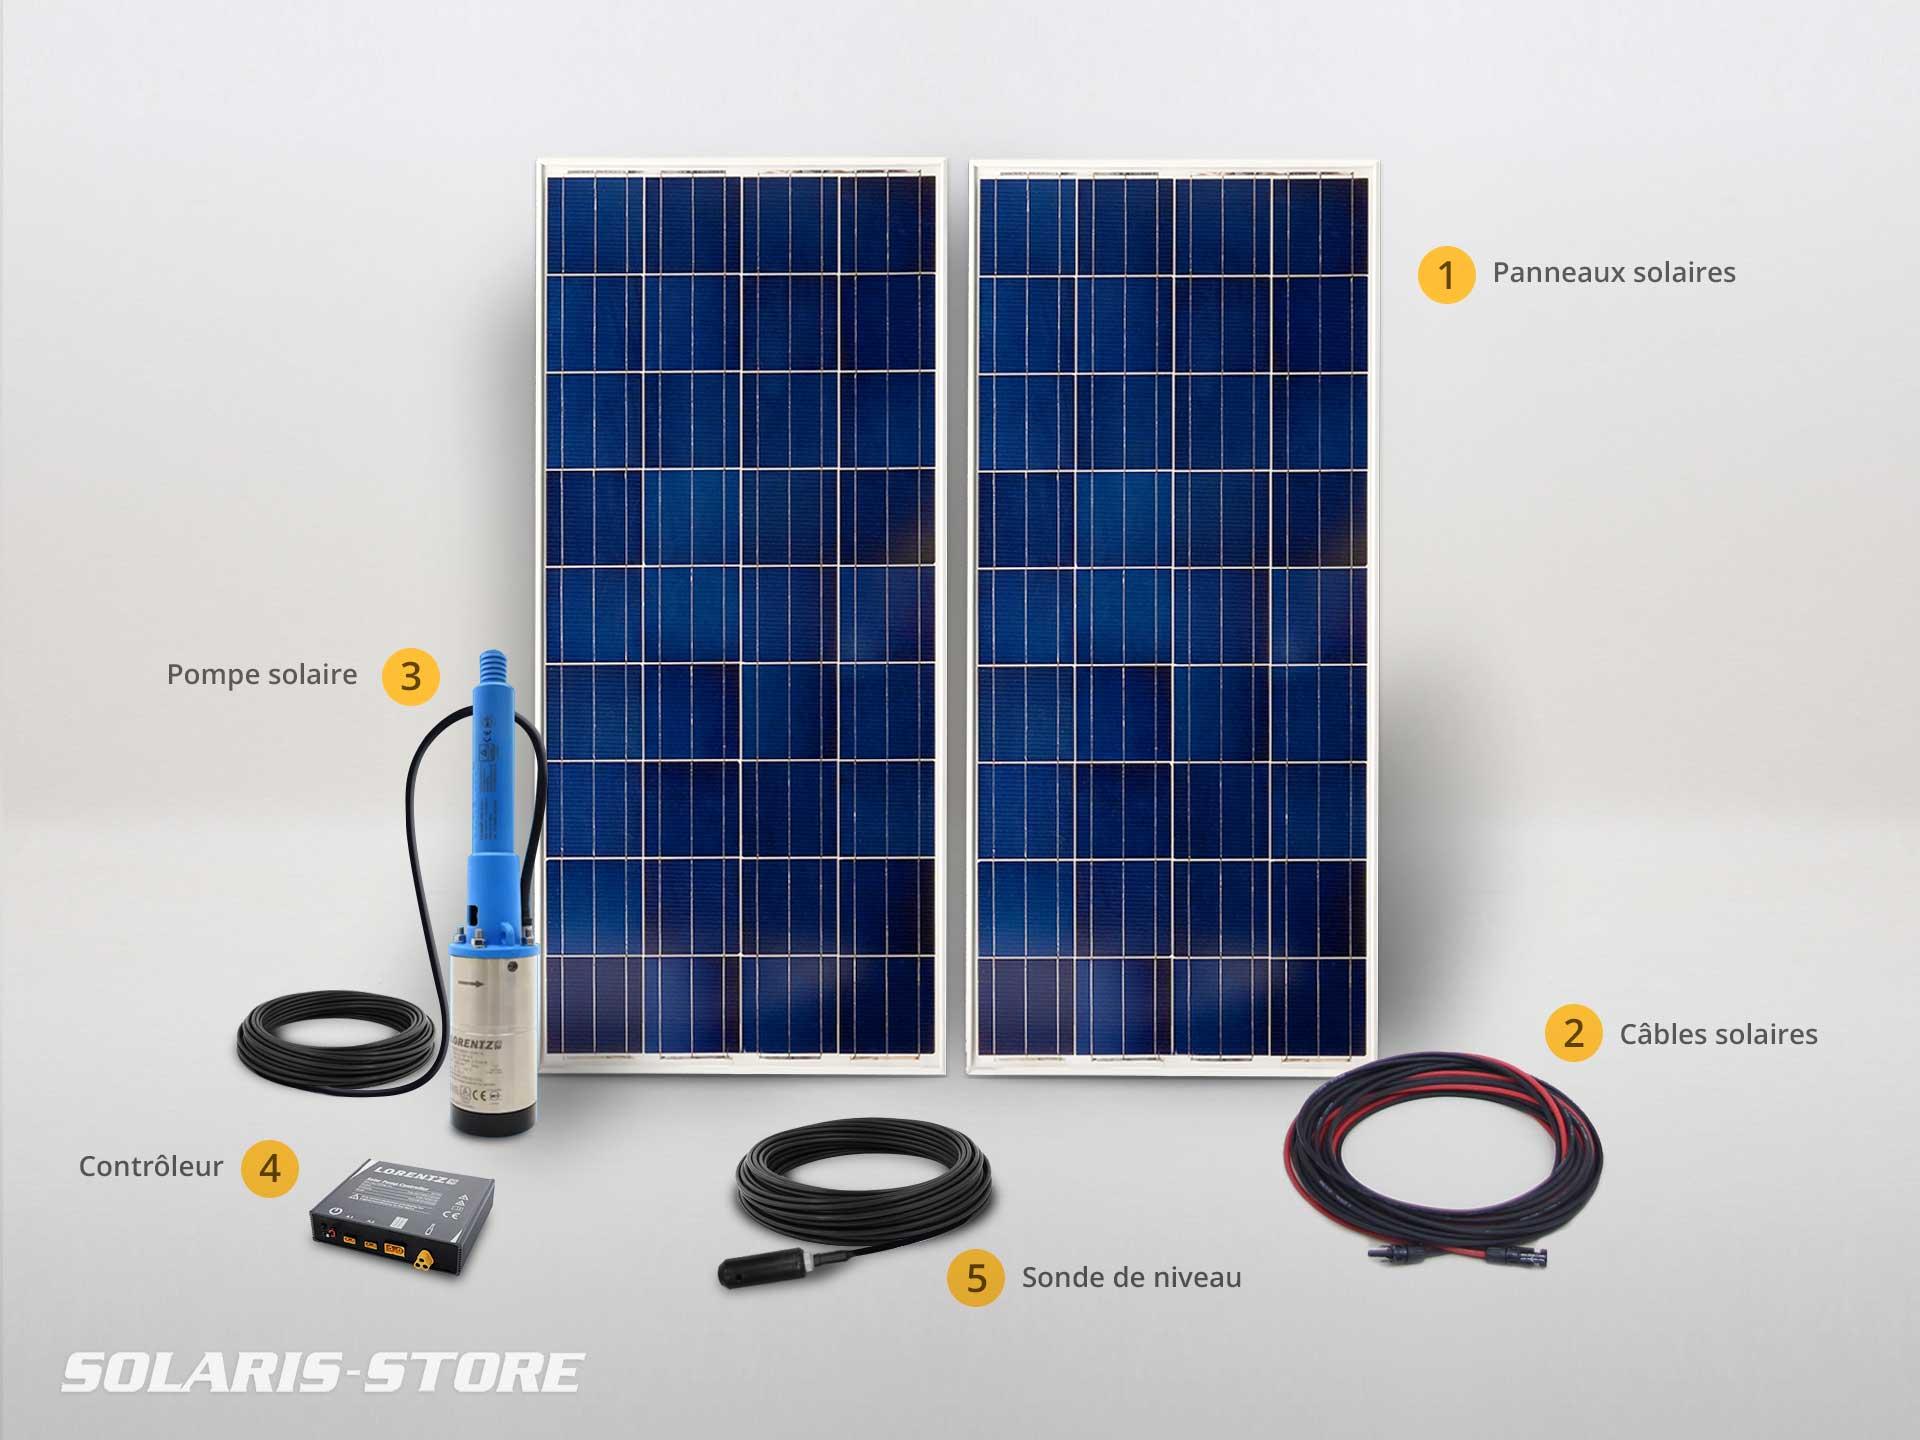 Système de pompe et panneau solaire autonome pour l'irrigation ou l'arrosage en totale autonomie